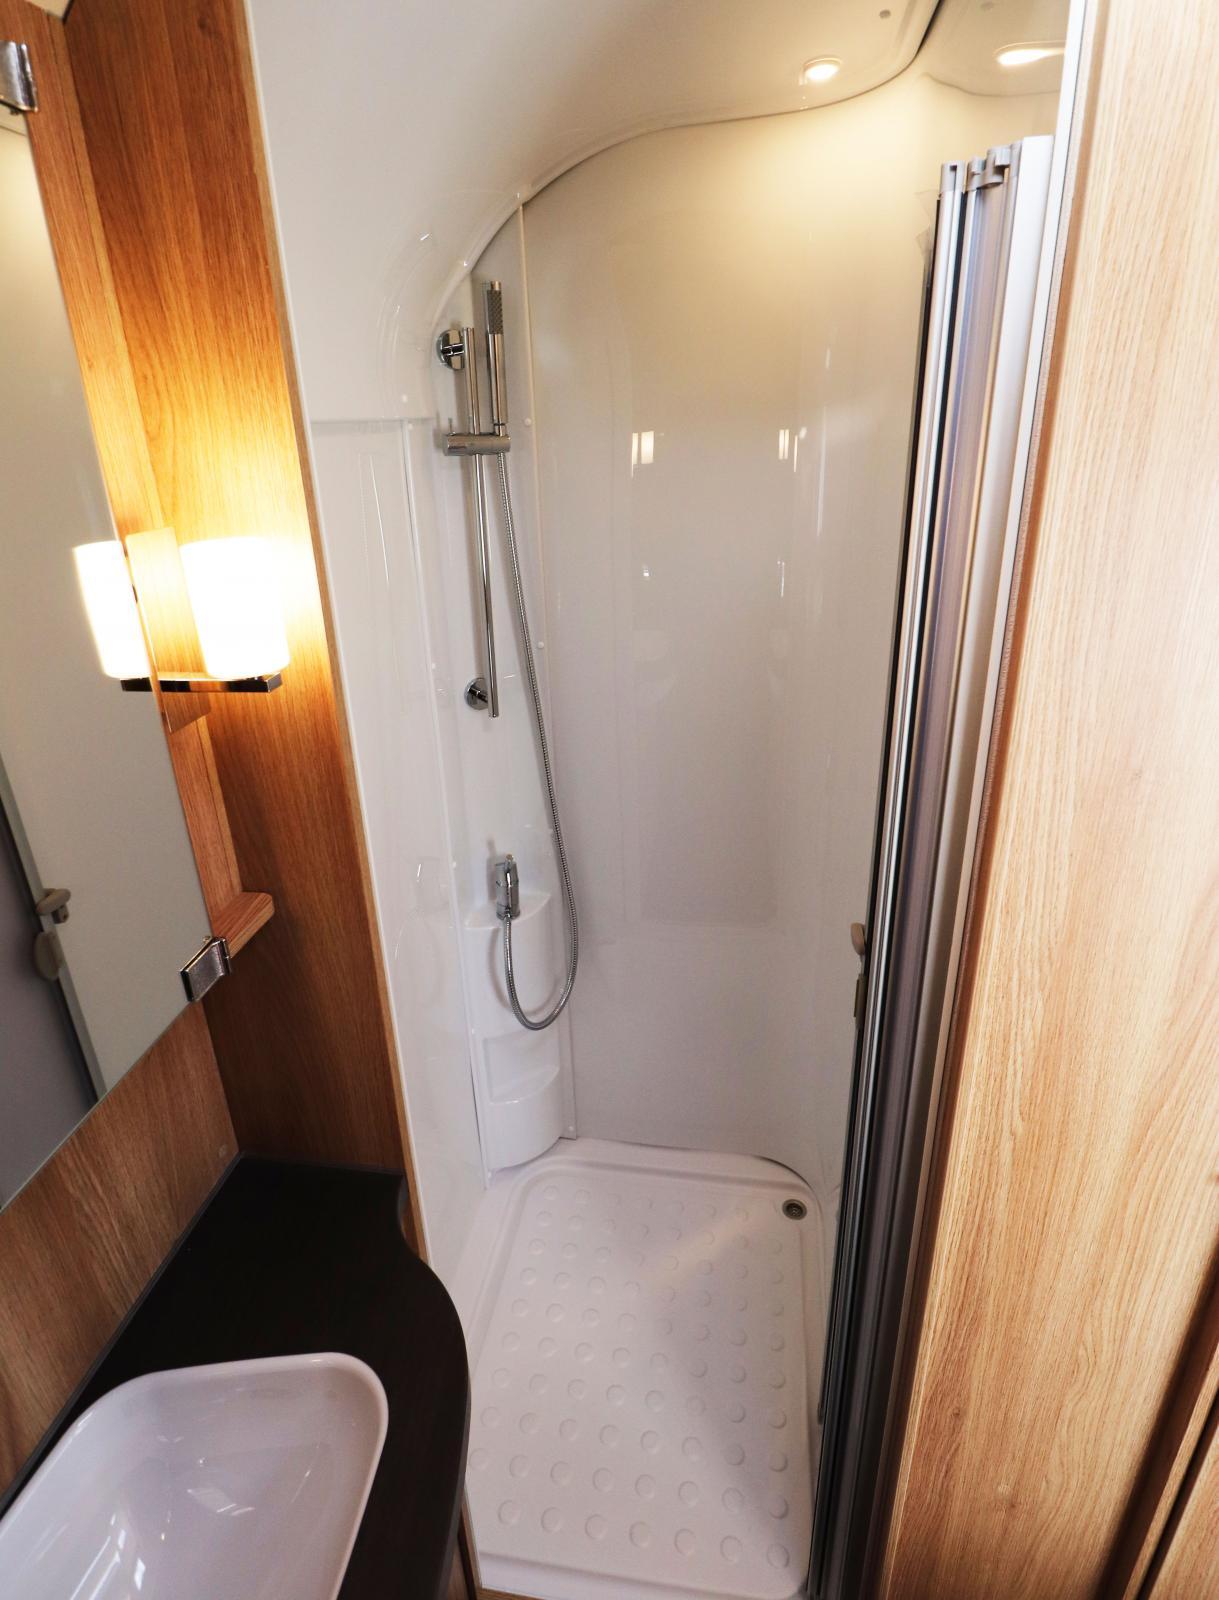 Separat duschkabin är uppskattat. Under handfatet finns förvaring för till exempel toalettpapper.